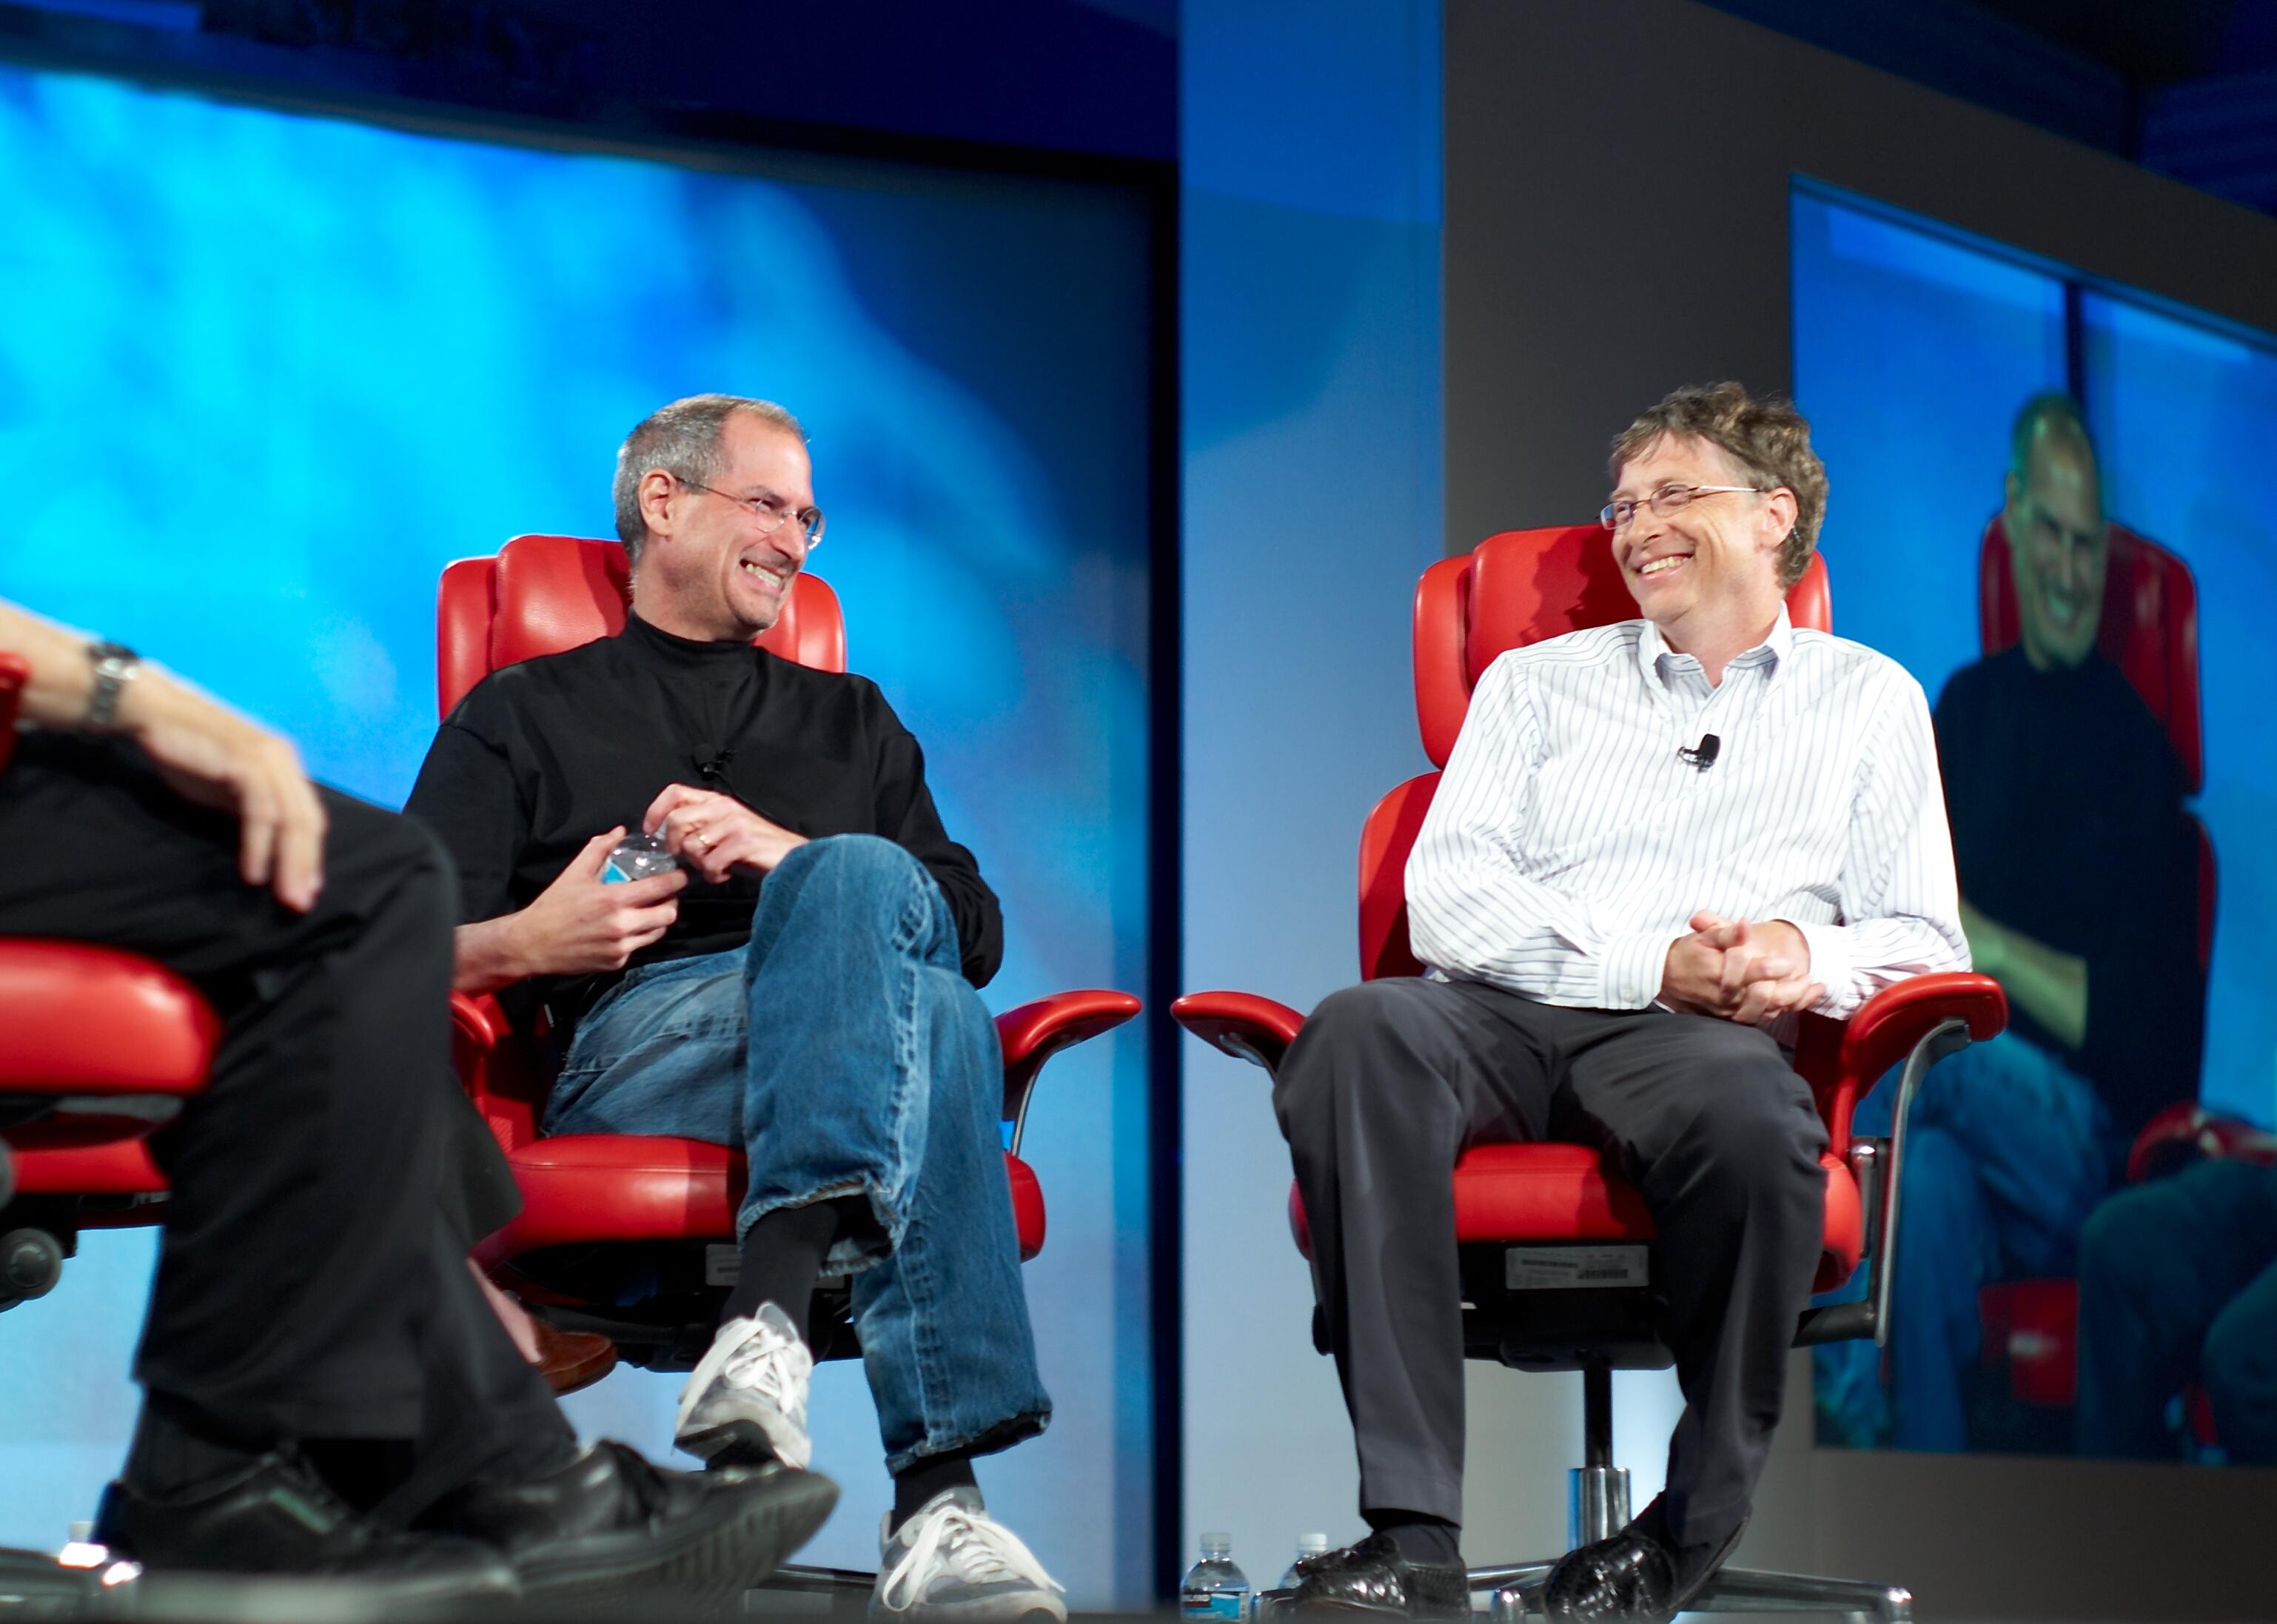 2007年5月,賈伯斯和微軟創辦人比爾蓋茲(Bill Gates)在數位會議All Things Digital一同受訪。(WikiCommons)